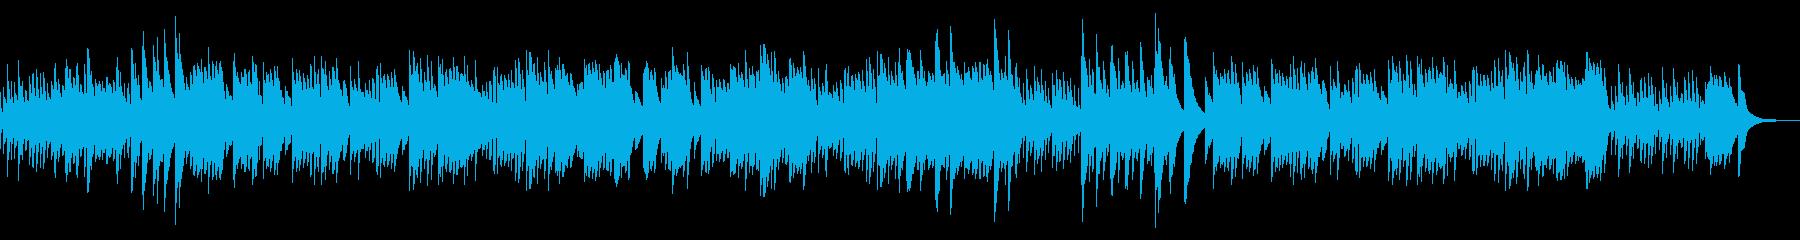 優しく癒しのあるオルゴール曲の再生済みの波形